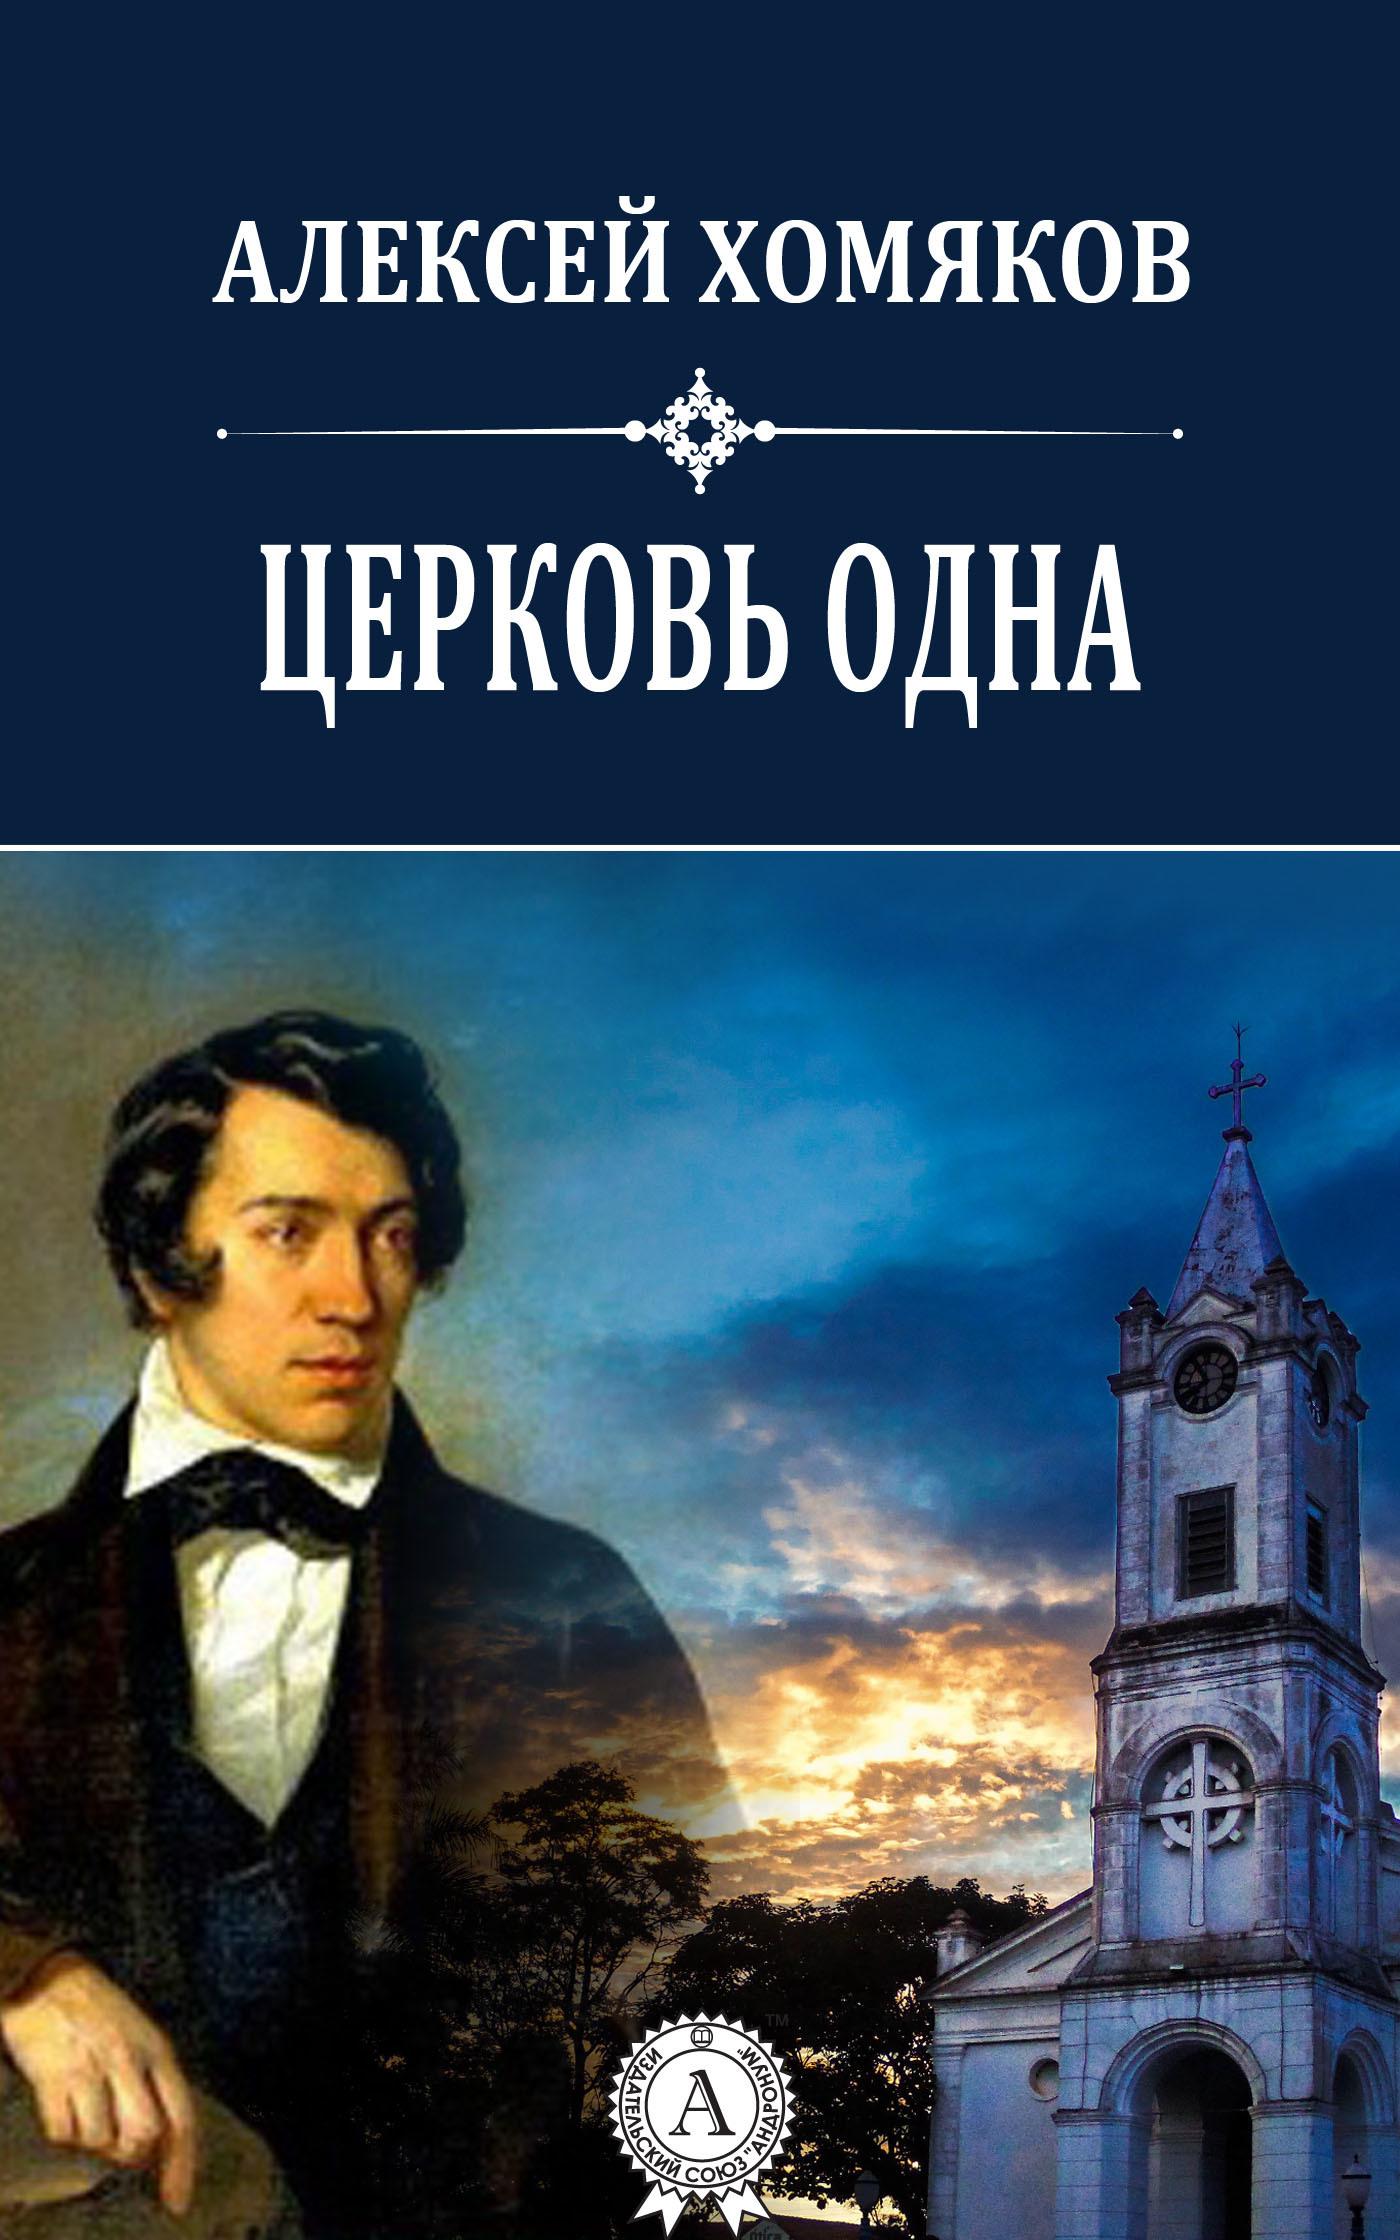 Скачать Хомяков Алексей бесплатно Церковь одна